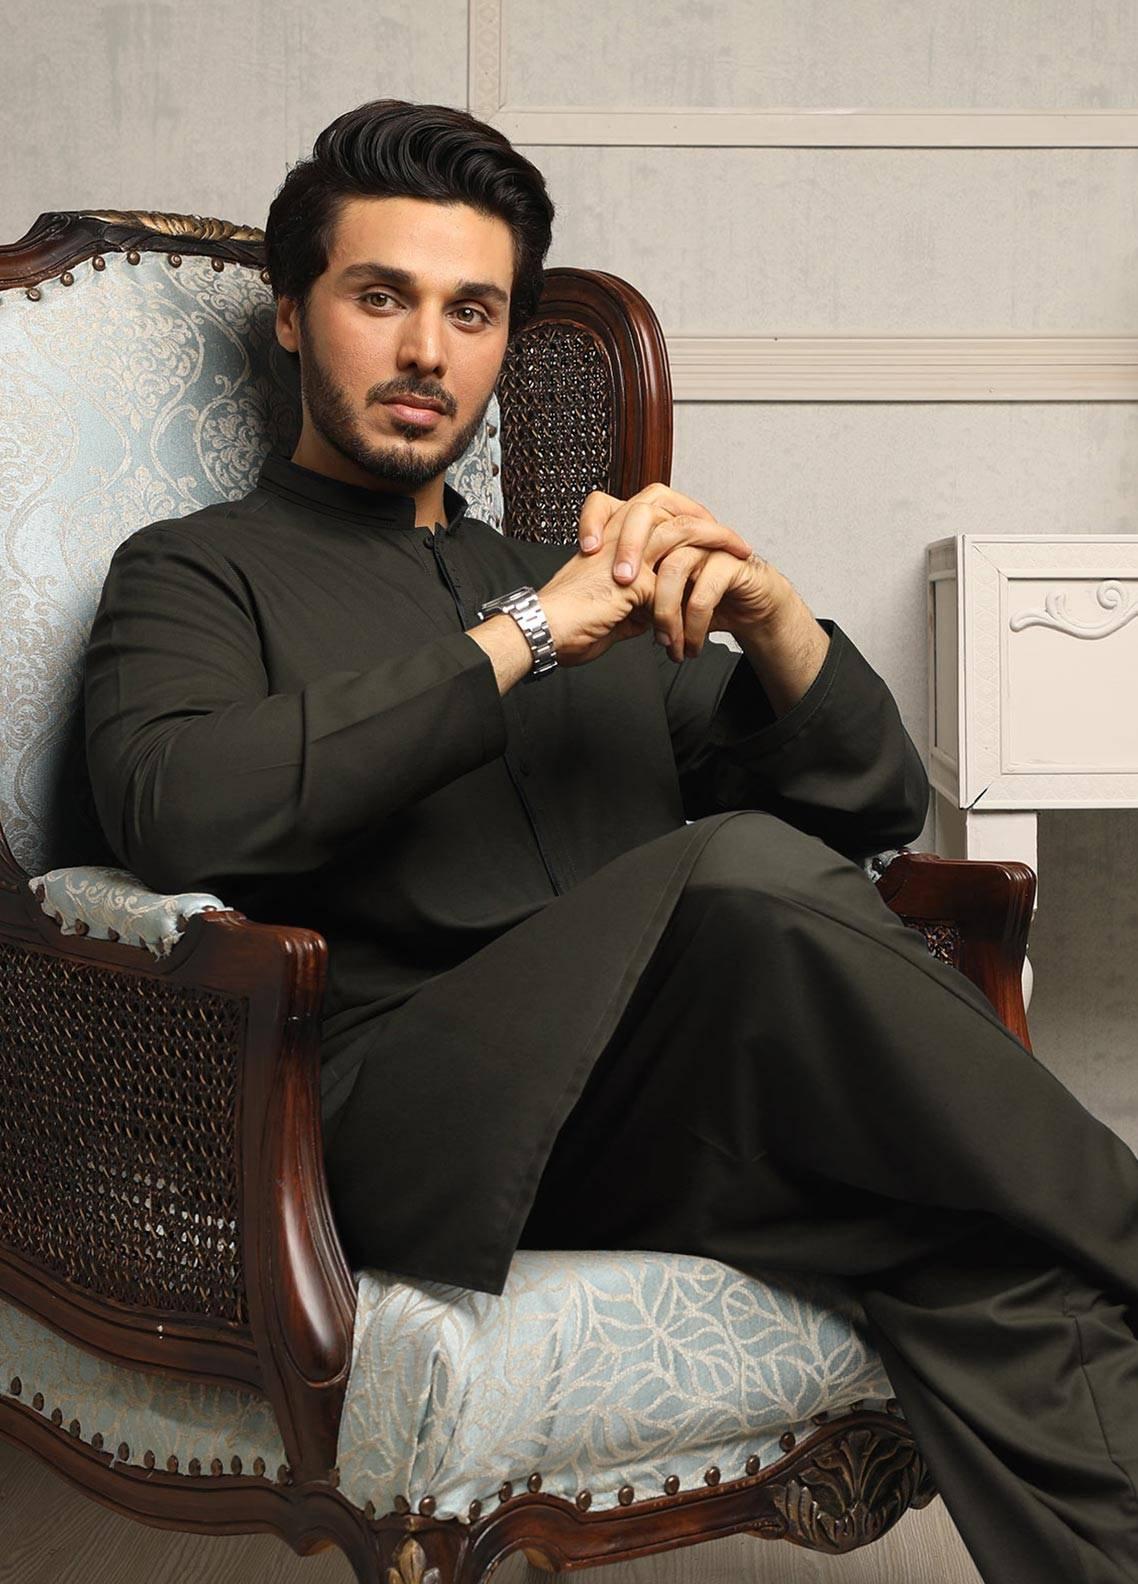 Safeer by Edenrobe EMUB18-SUPREME Blended Unstitched Men's Kameez Shalwar Fabric